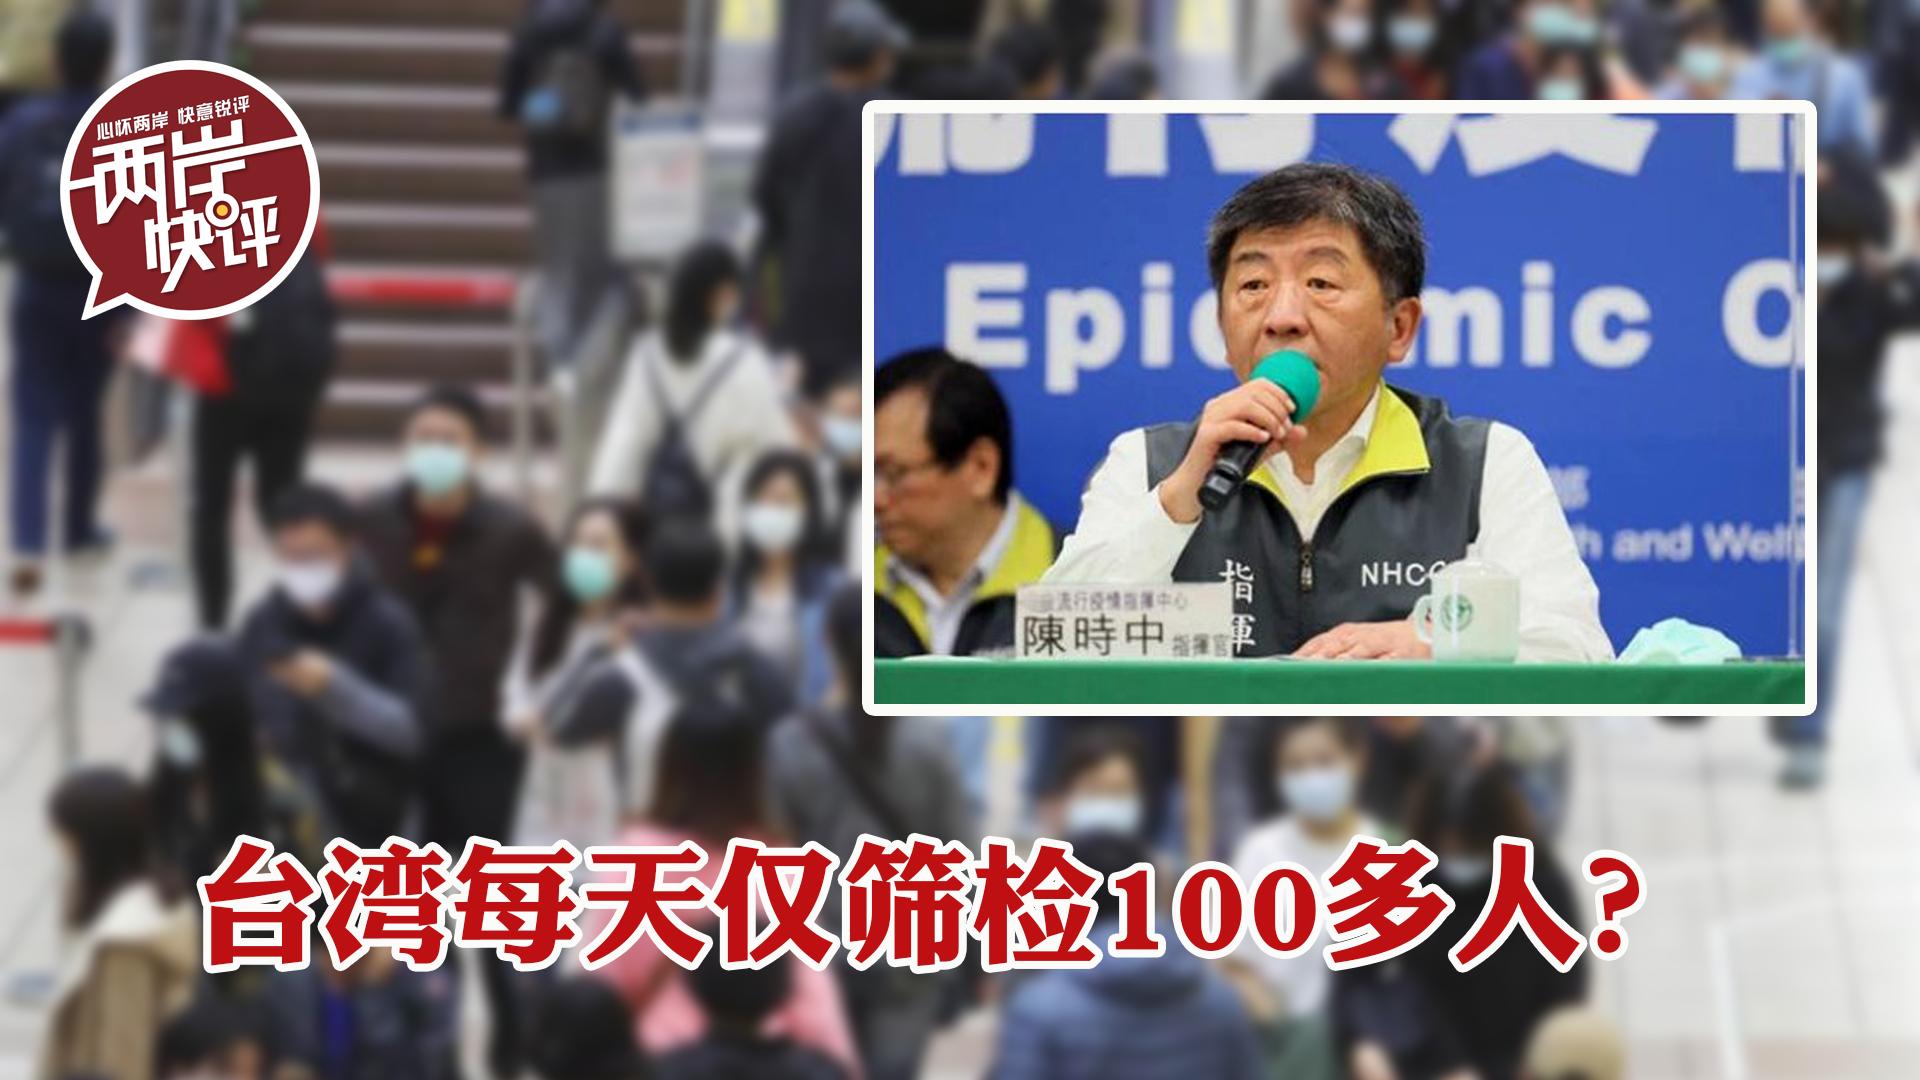 """日本女大学生在台湾到底怎样被传染的?陈时中们""""不能说的秘密""""图片"""